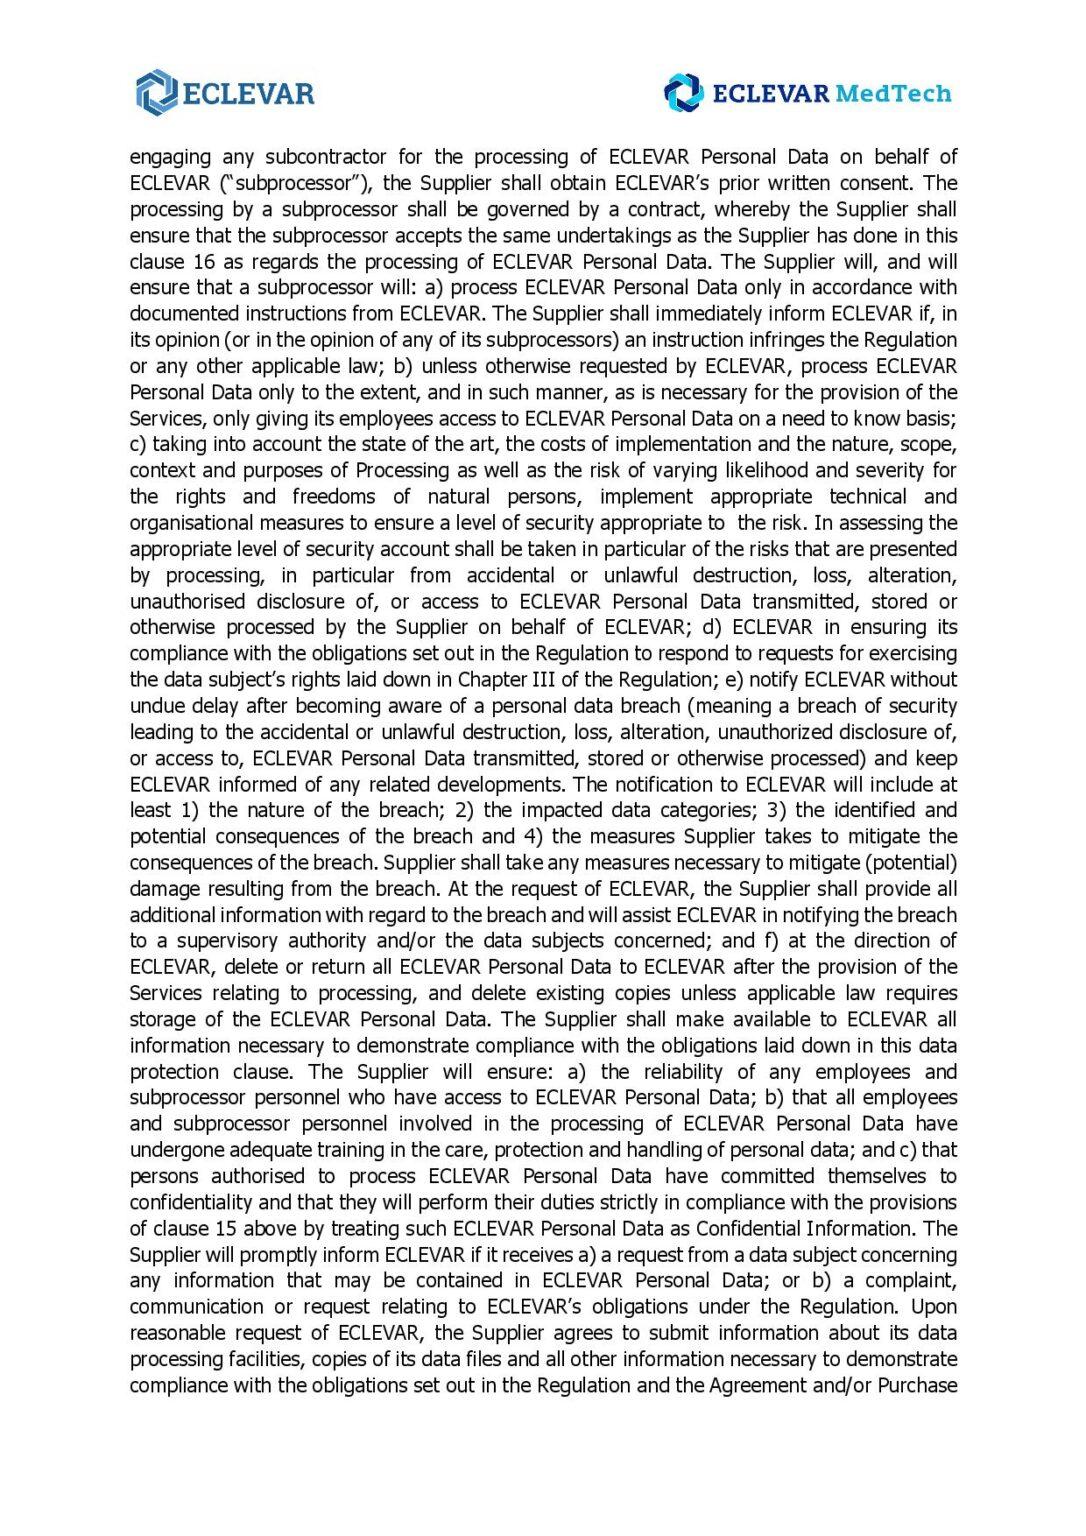 ECLEVAR PROCUREMENT OF SERVICES VAUG 2020_MedTech-page-007